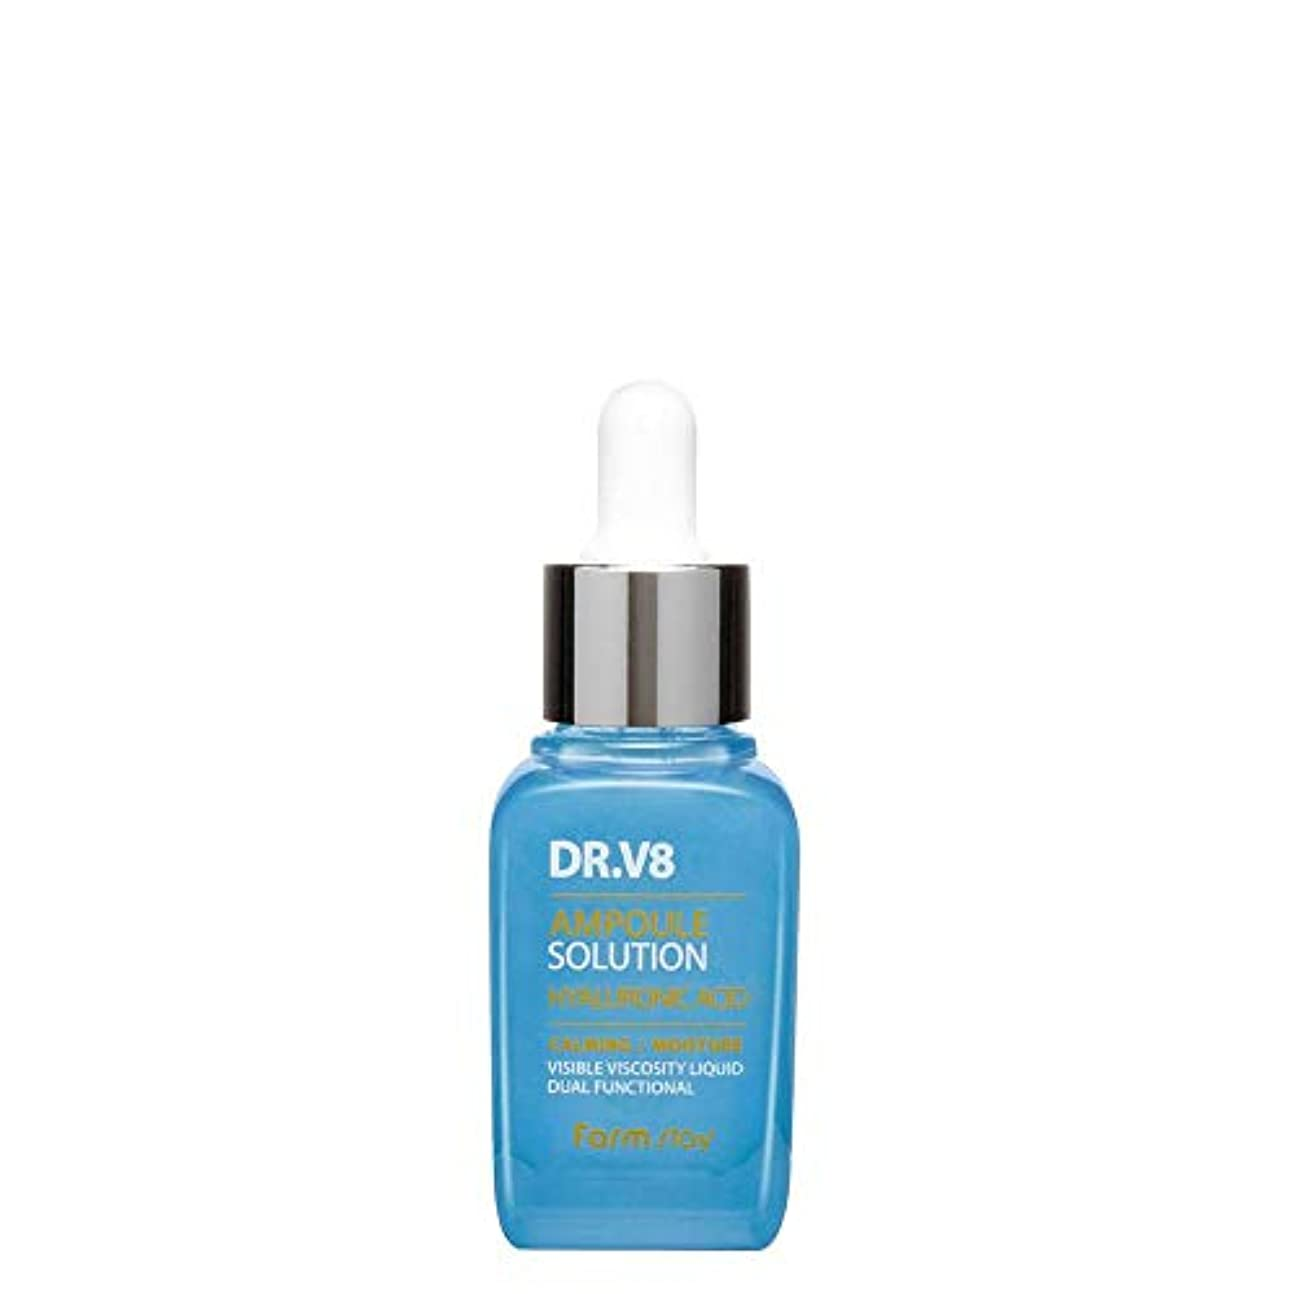 ピン私たちファームステイ[Farm Stay] Dr. V8 アンプルソリューション (ヒアルロン酸) 30ml / V8 Ampoule Solution Hyaluronic Acid